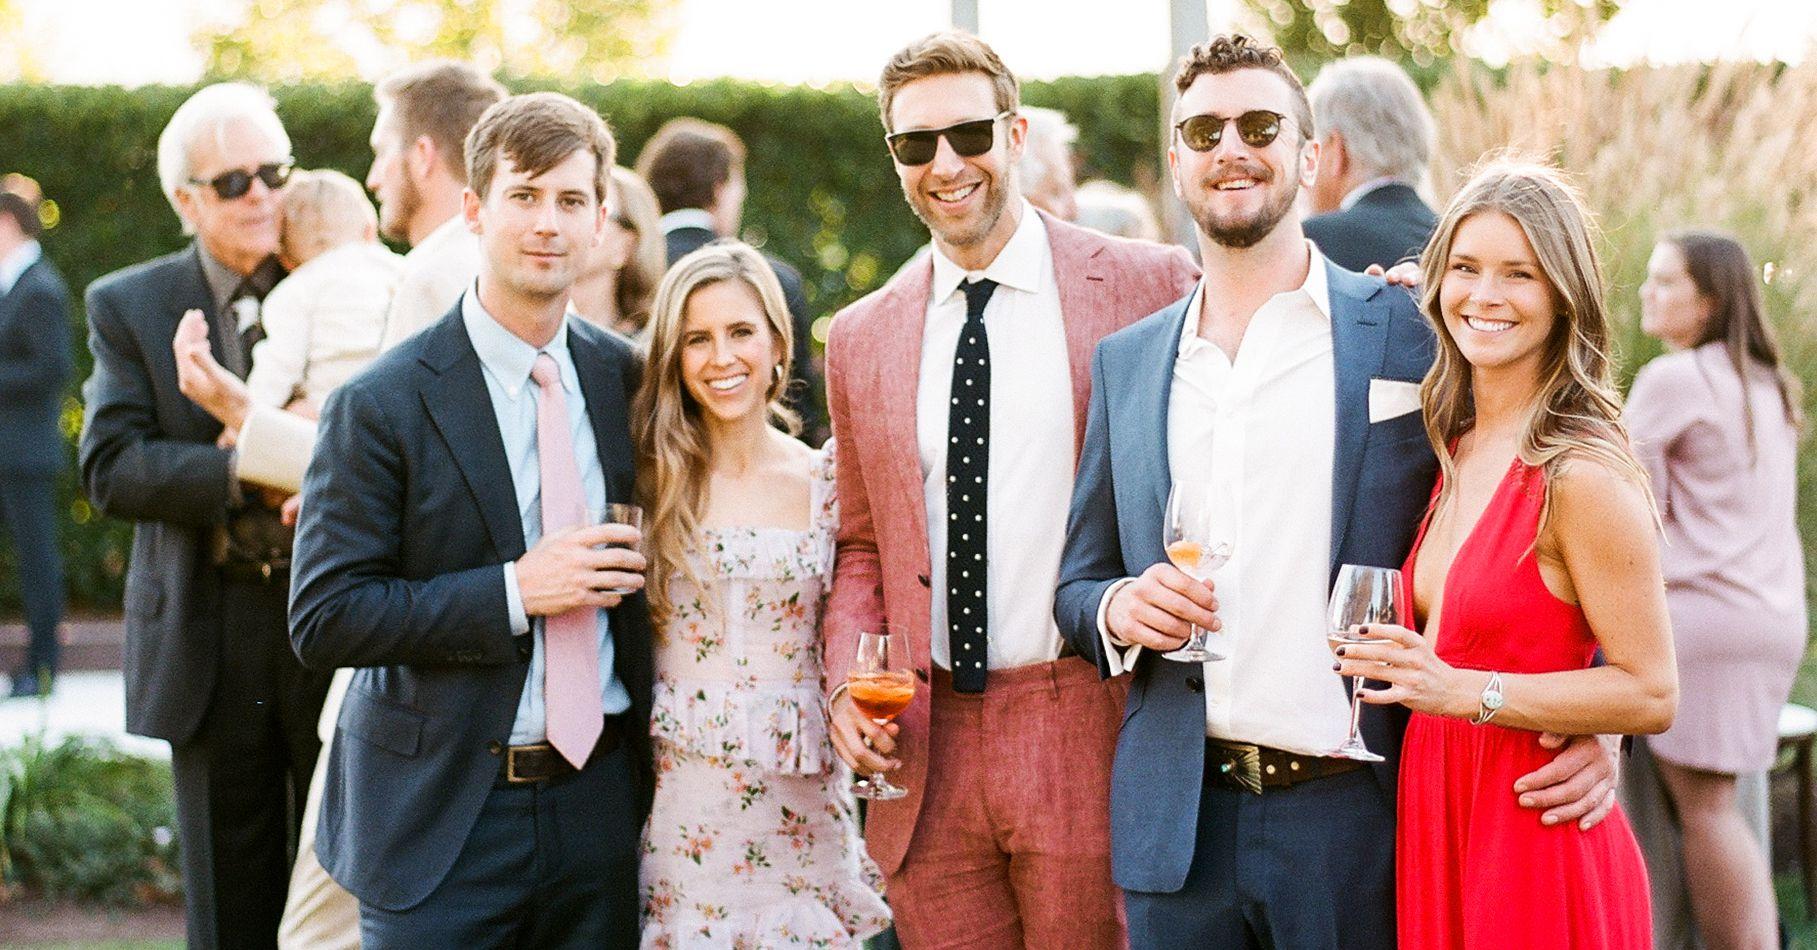 Cocktail là phong cách trang phục thường được ưa chuộng trong các bữa tiệc cưới